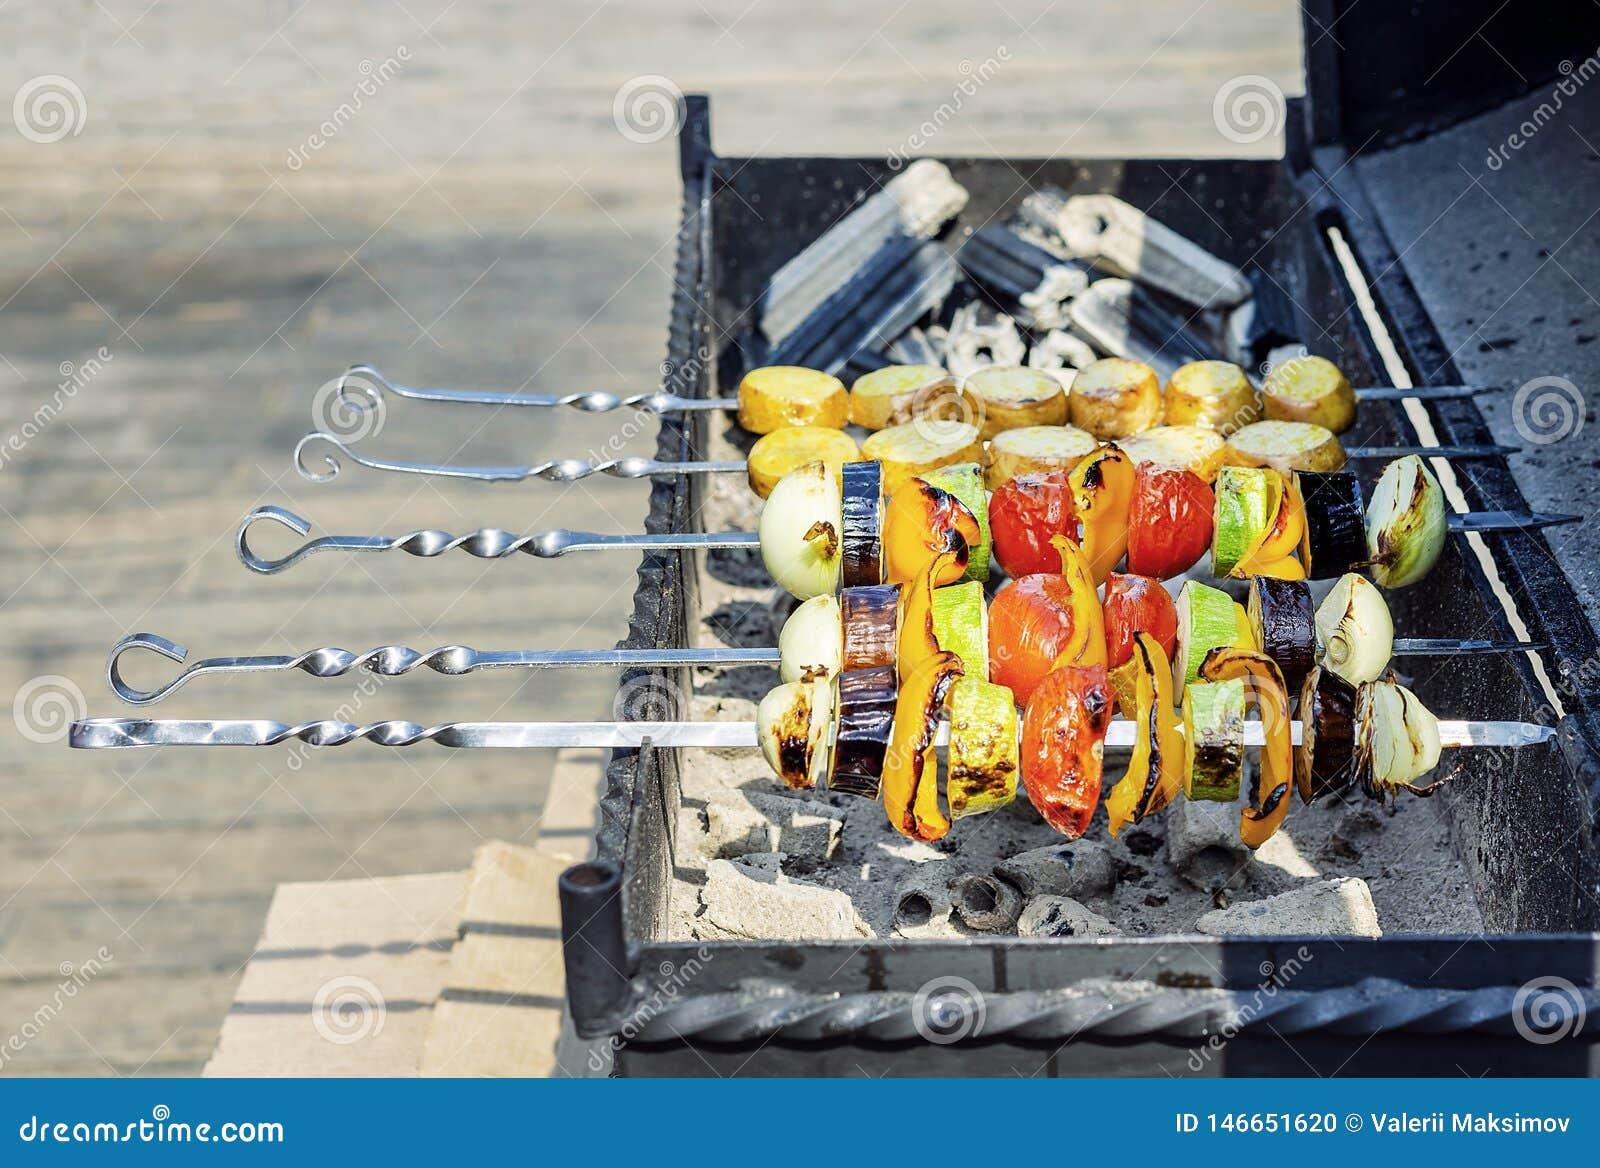 Bunte vegetarische Gemüseaufsteckspindeln mit gebratenem grünem Pfeffer, Zwiebeln, Auberginen, Tomaten und Zucchini